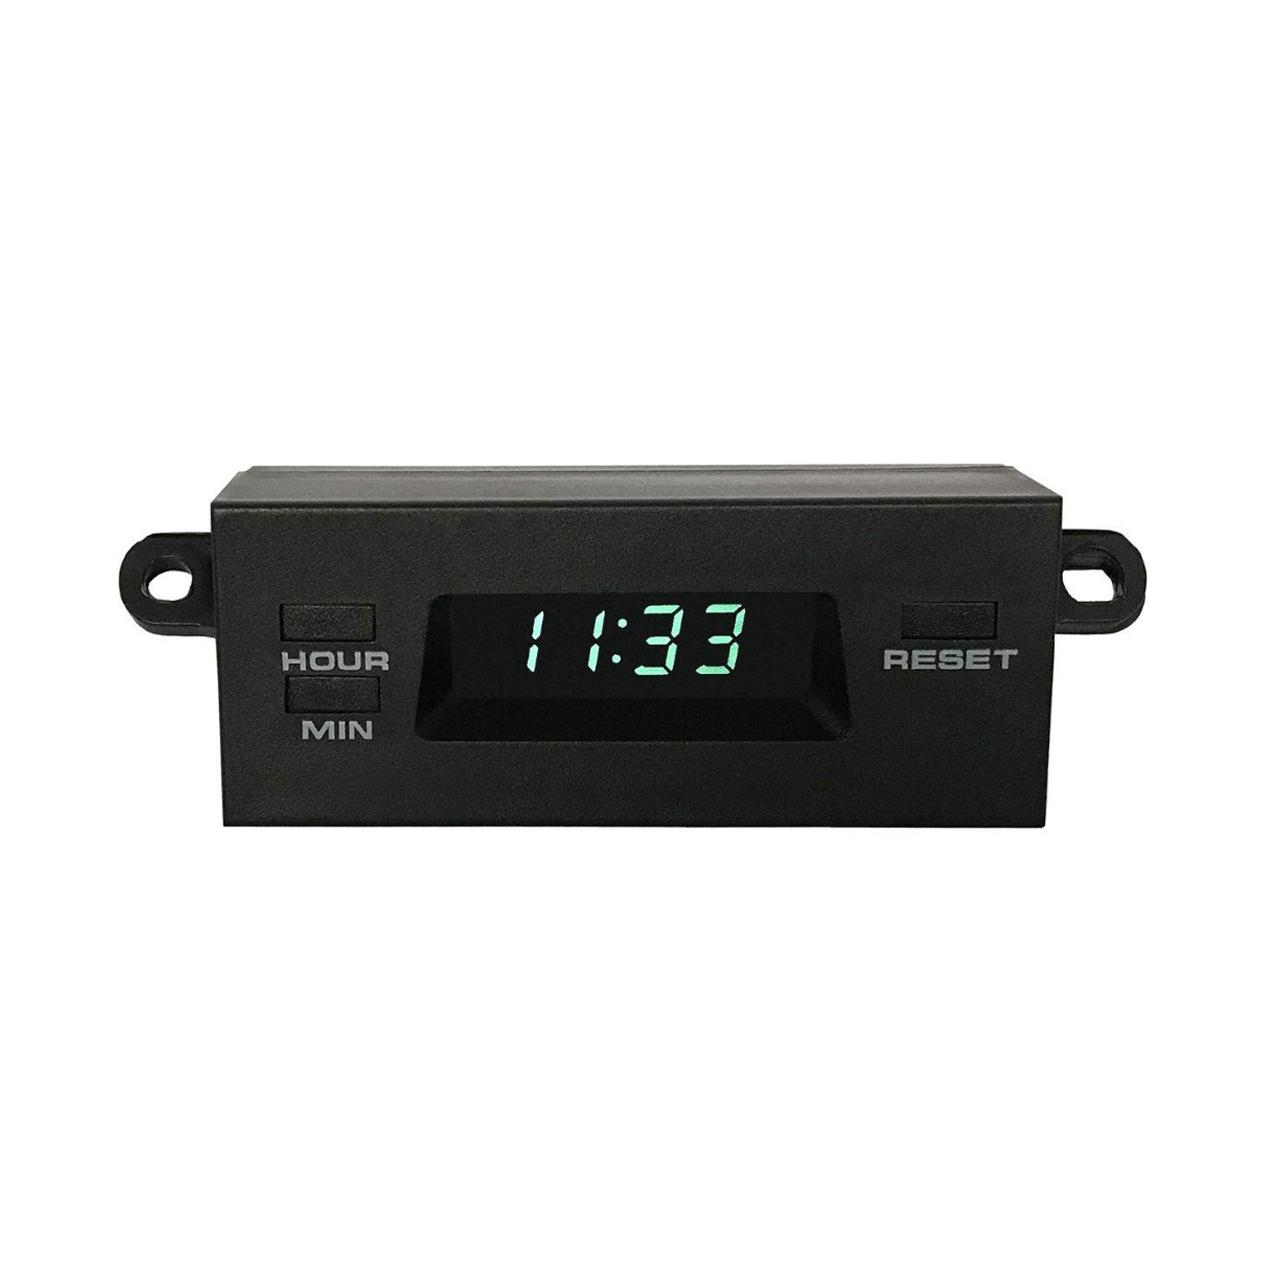 ساعت دیجیتال مدل DC14 مناسب برای پراید